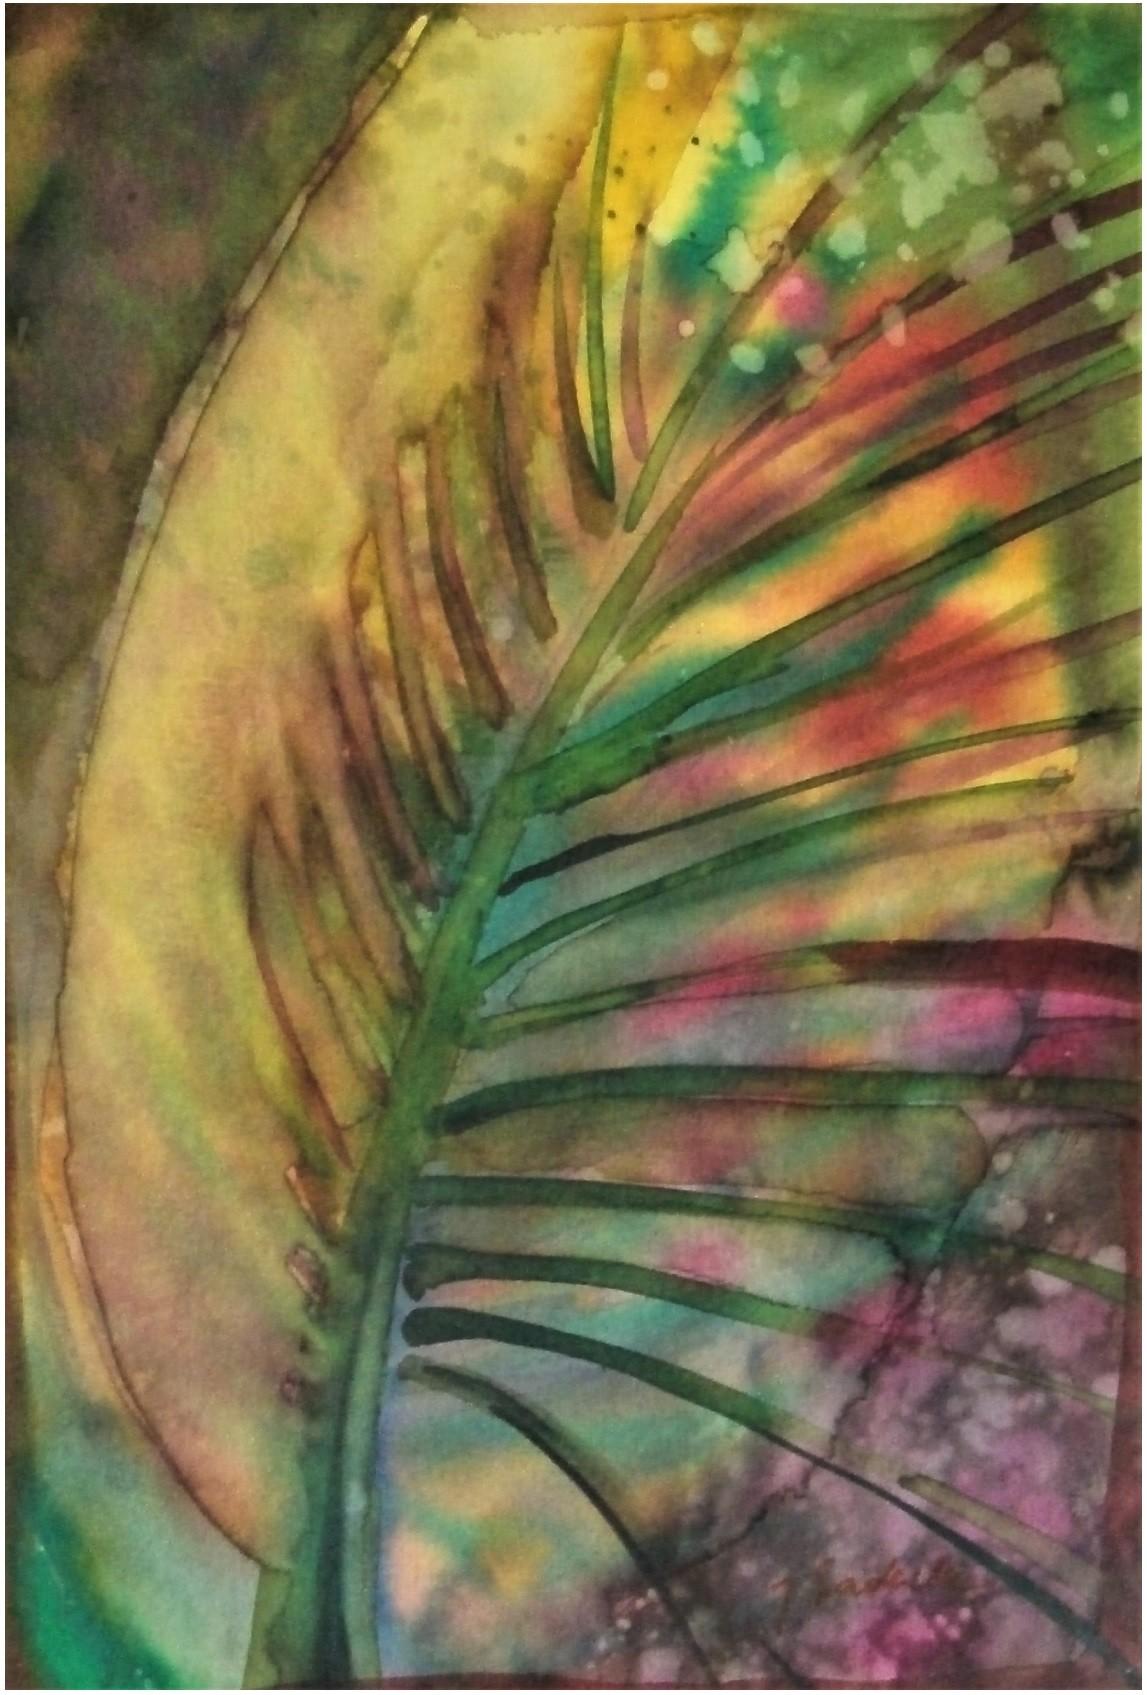 Emanacje 9 - z życia roślin